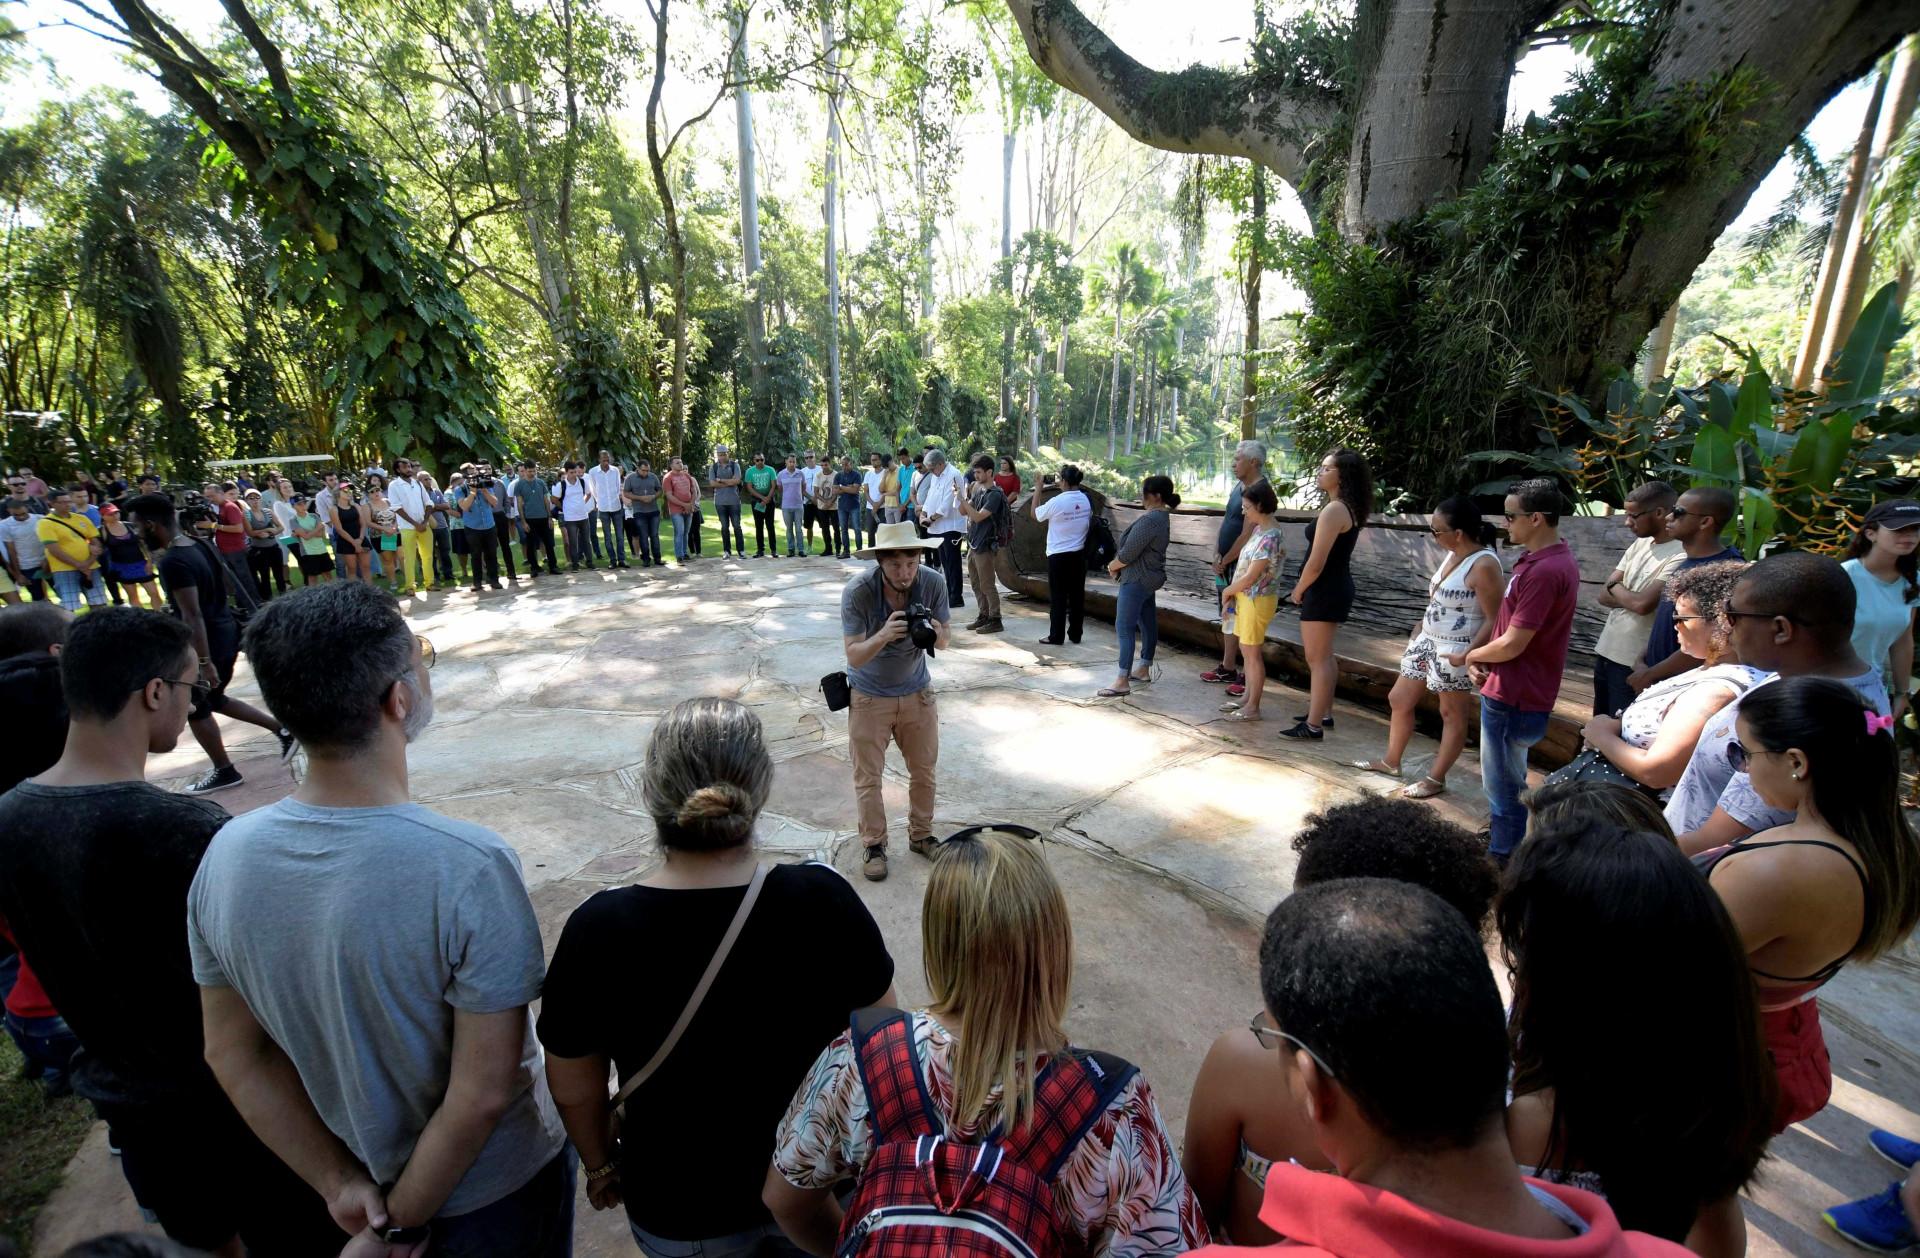 Inhotim reabre em Brumadinho com missão de reerguer cidade; veja fotos